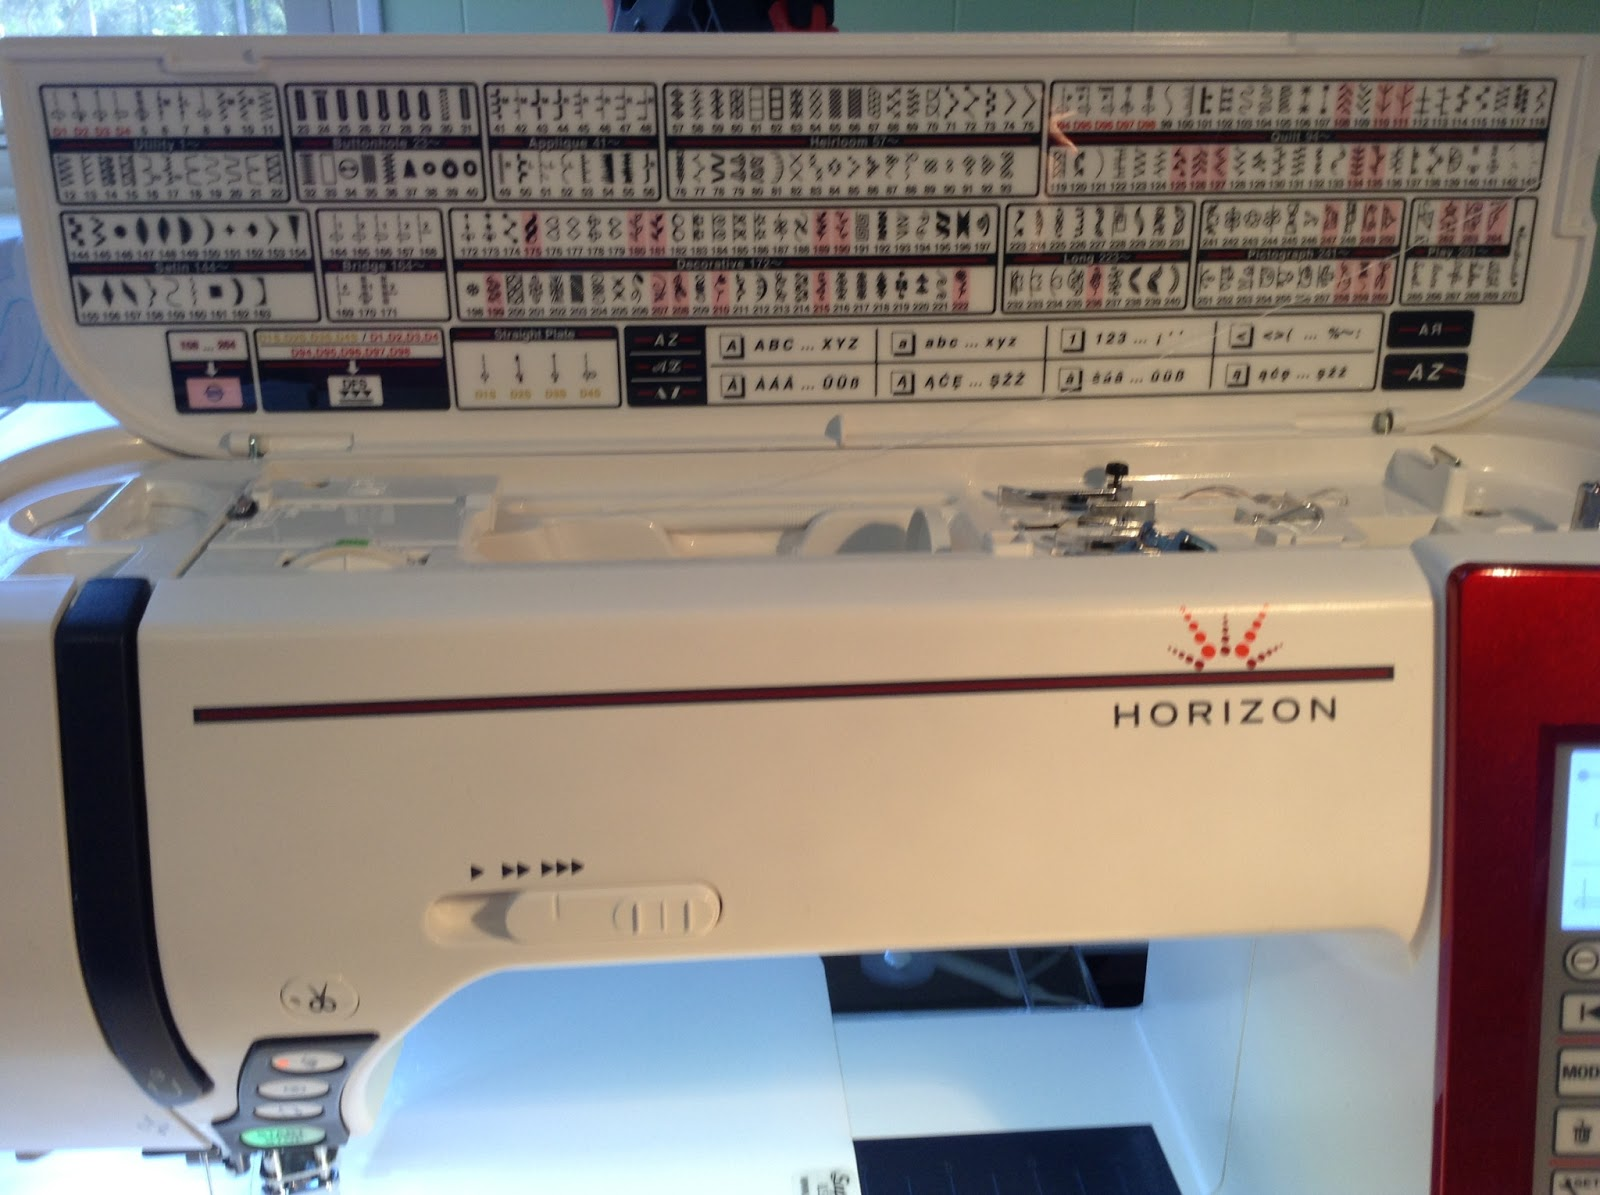 Janome horizon memory craft 8900 - Janome Horizon 8900 Red